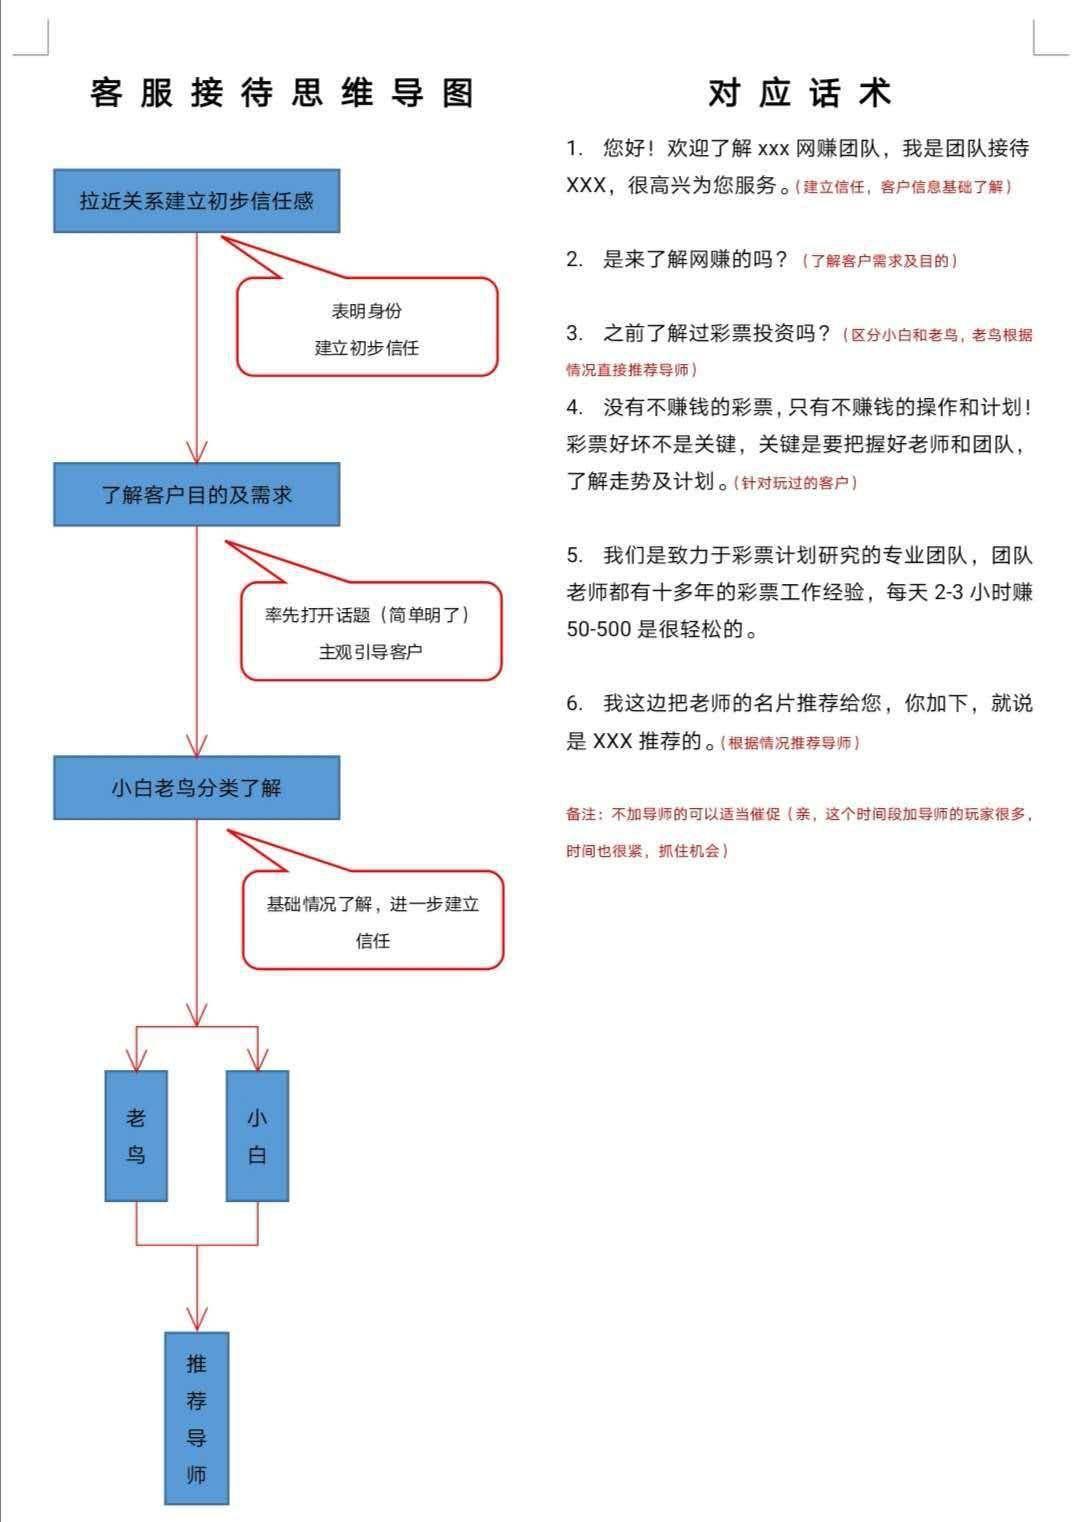 中国量子计算原型机九章问世